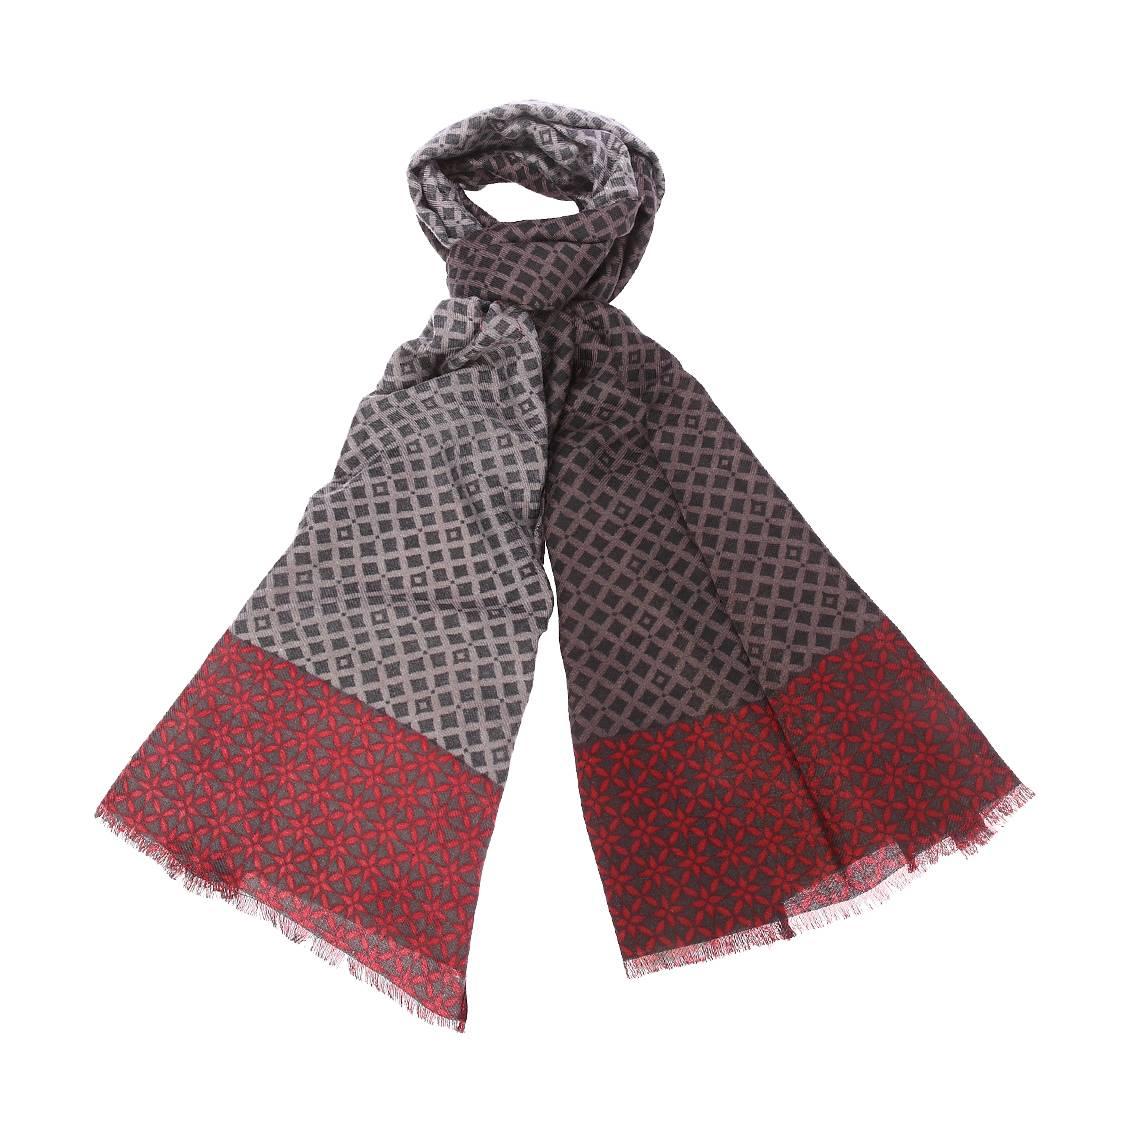 Chèche jean chatel gris anthracite à motifs noirs et extrémités à motifs rouges